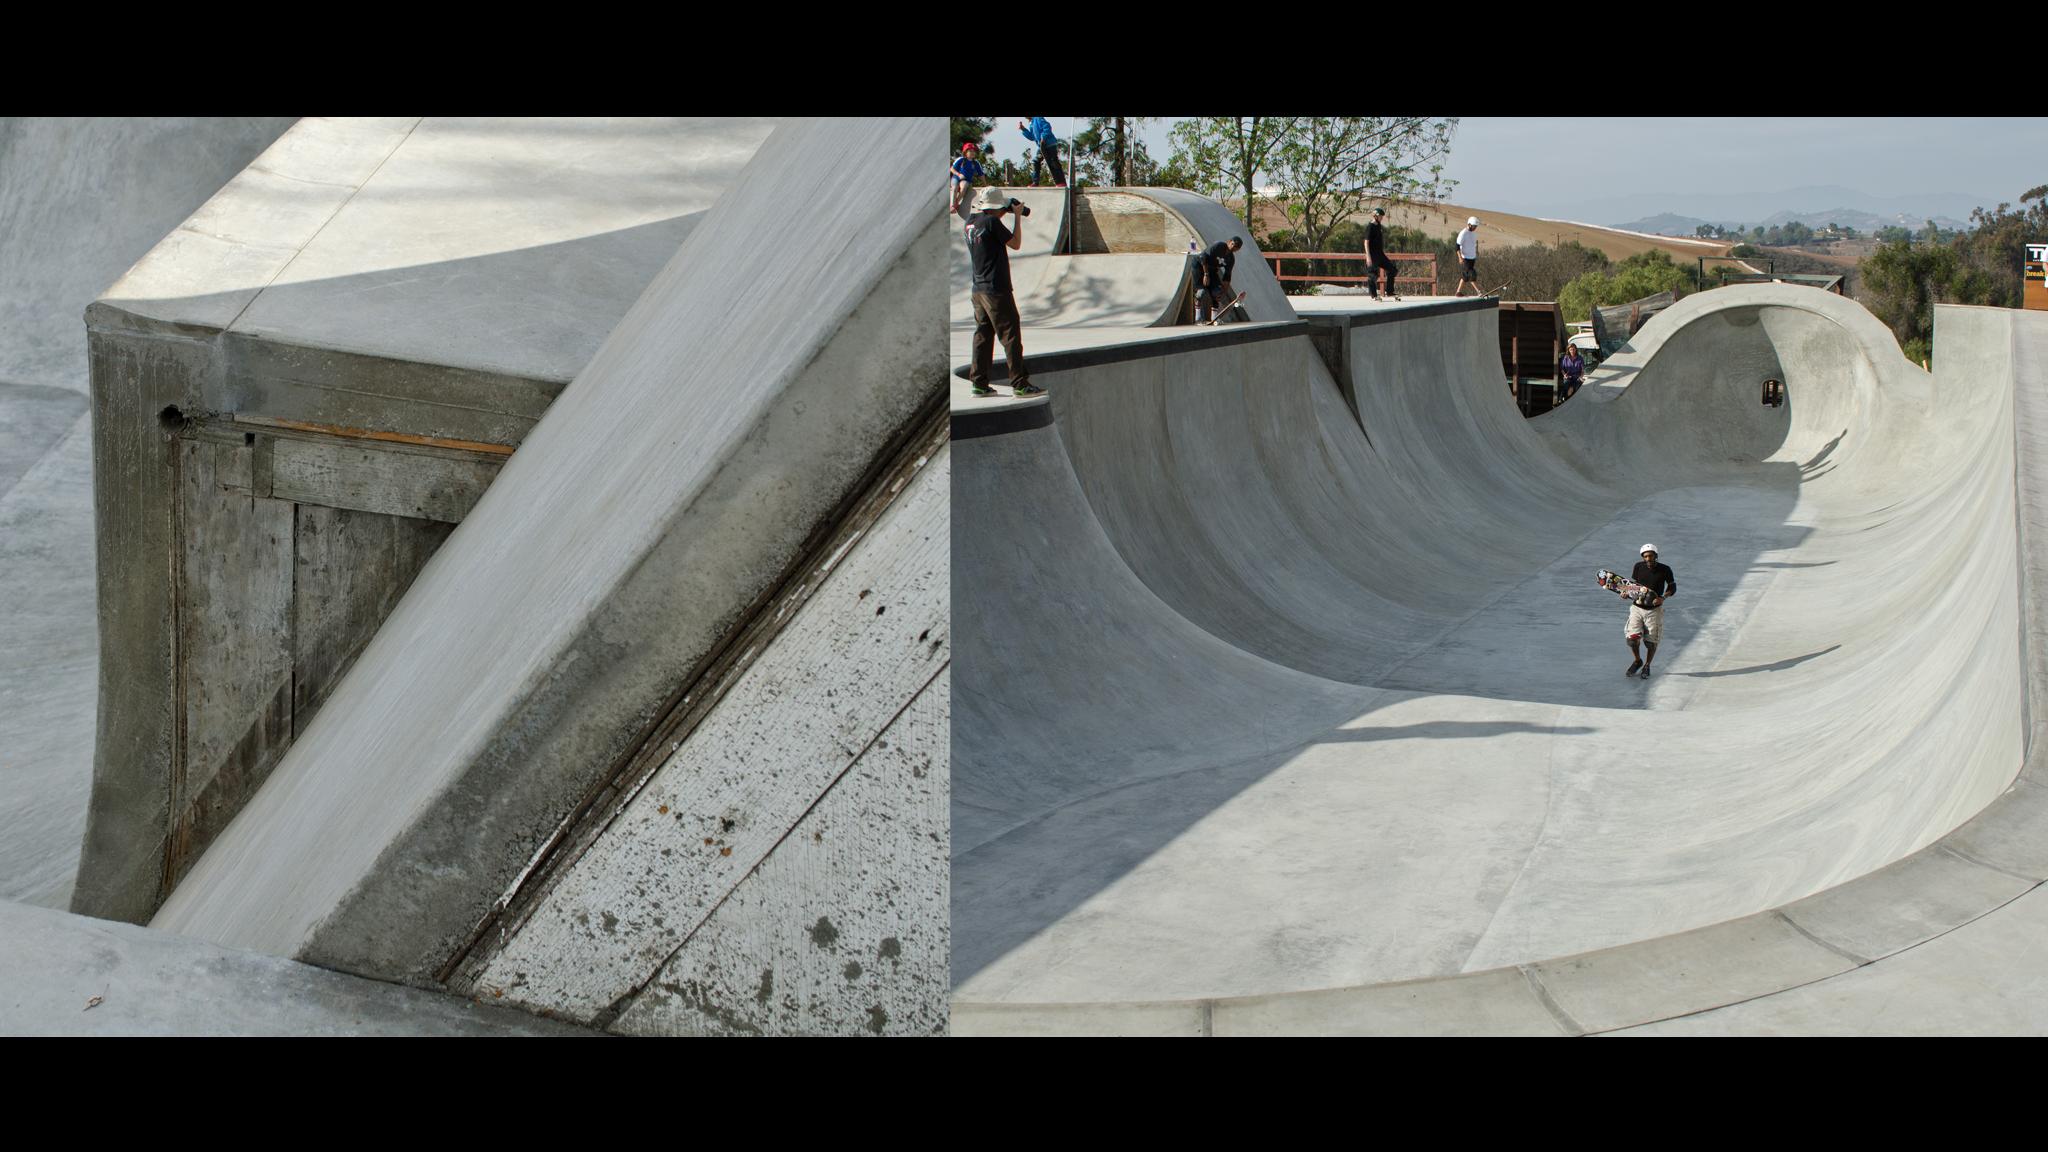 triyae com u003d backyard skatepark builders various design